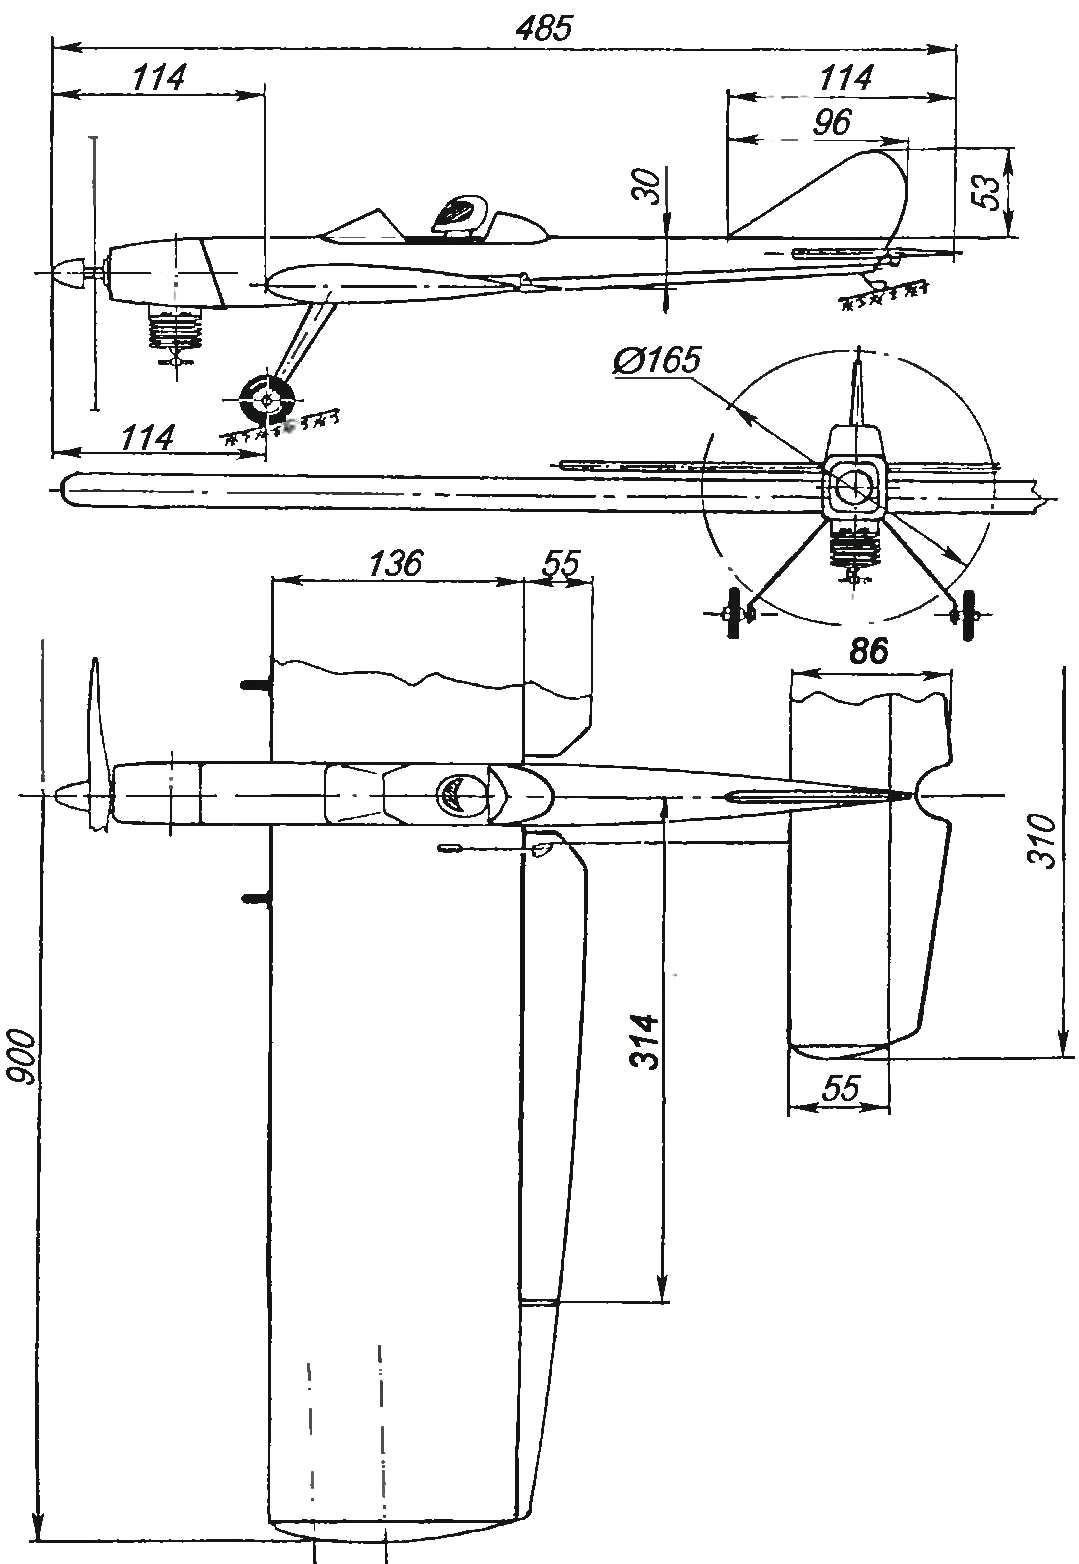 Геометрическая схема пилотажной кордовой модели с двигателем МК-17 «Юниор»